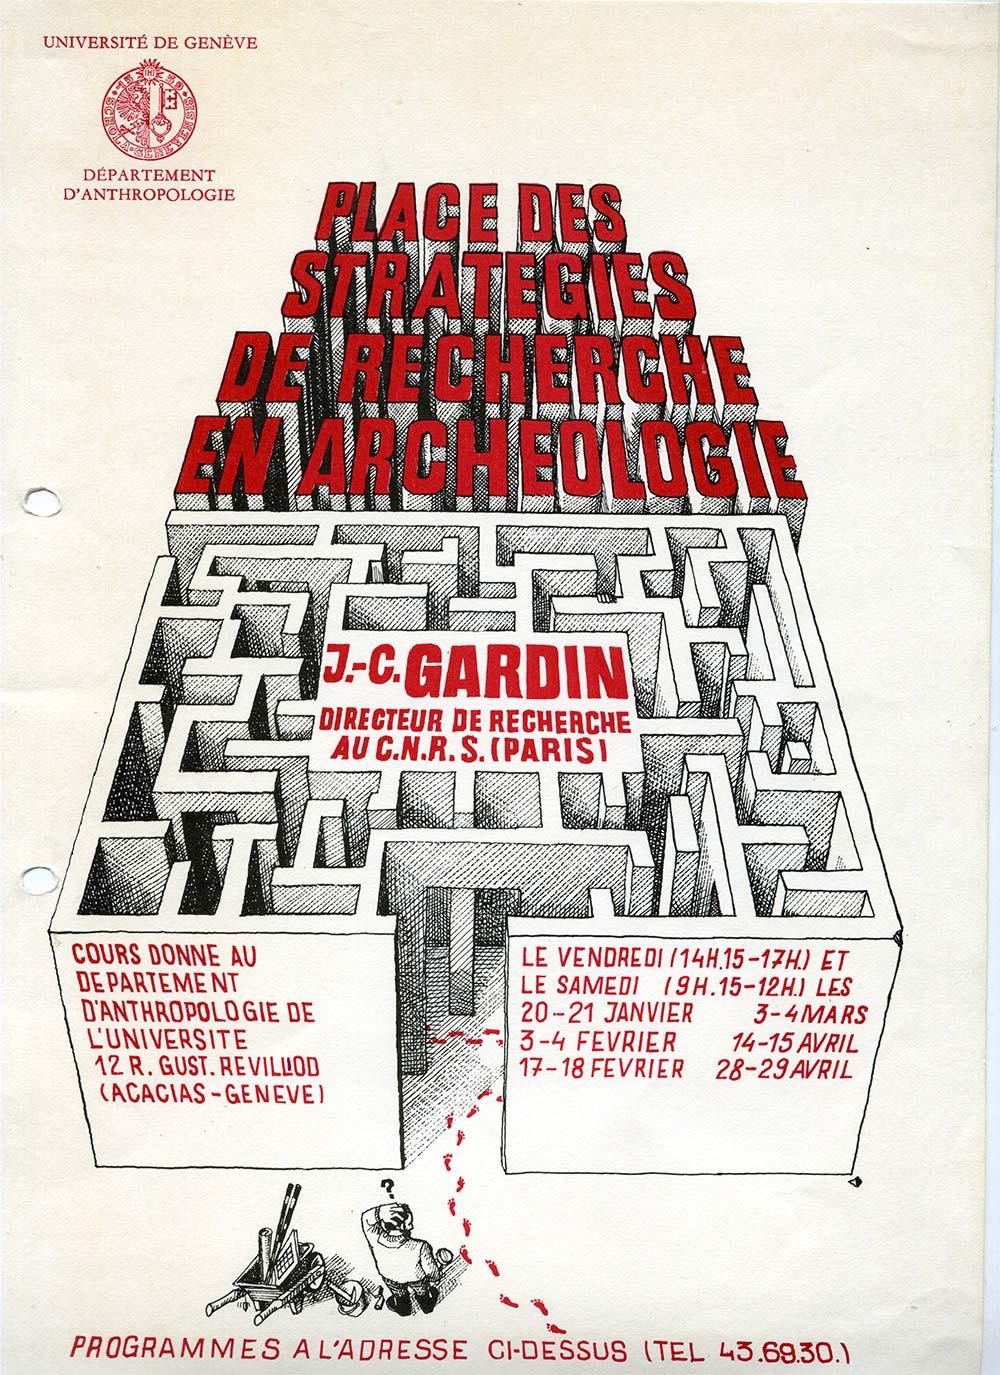 L'affiche du cours de Genève 1977-78